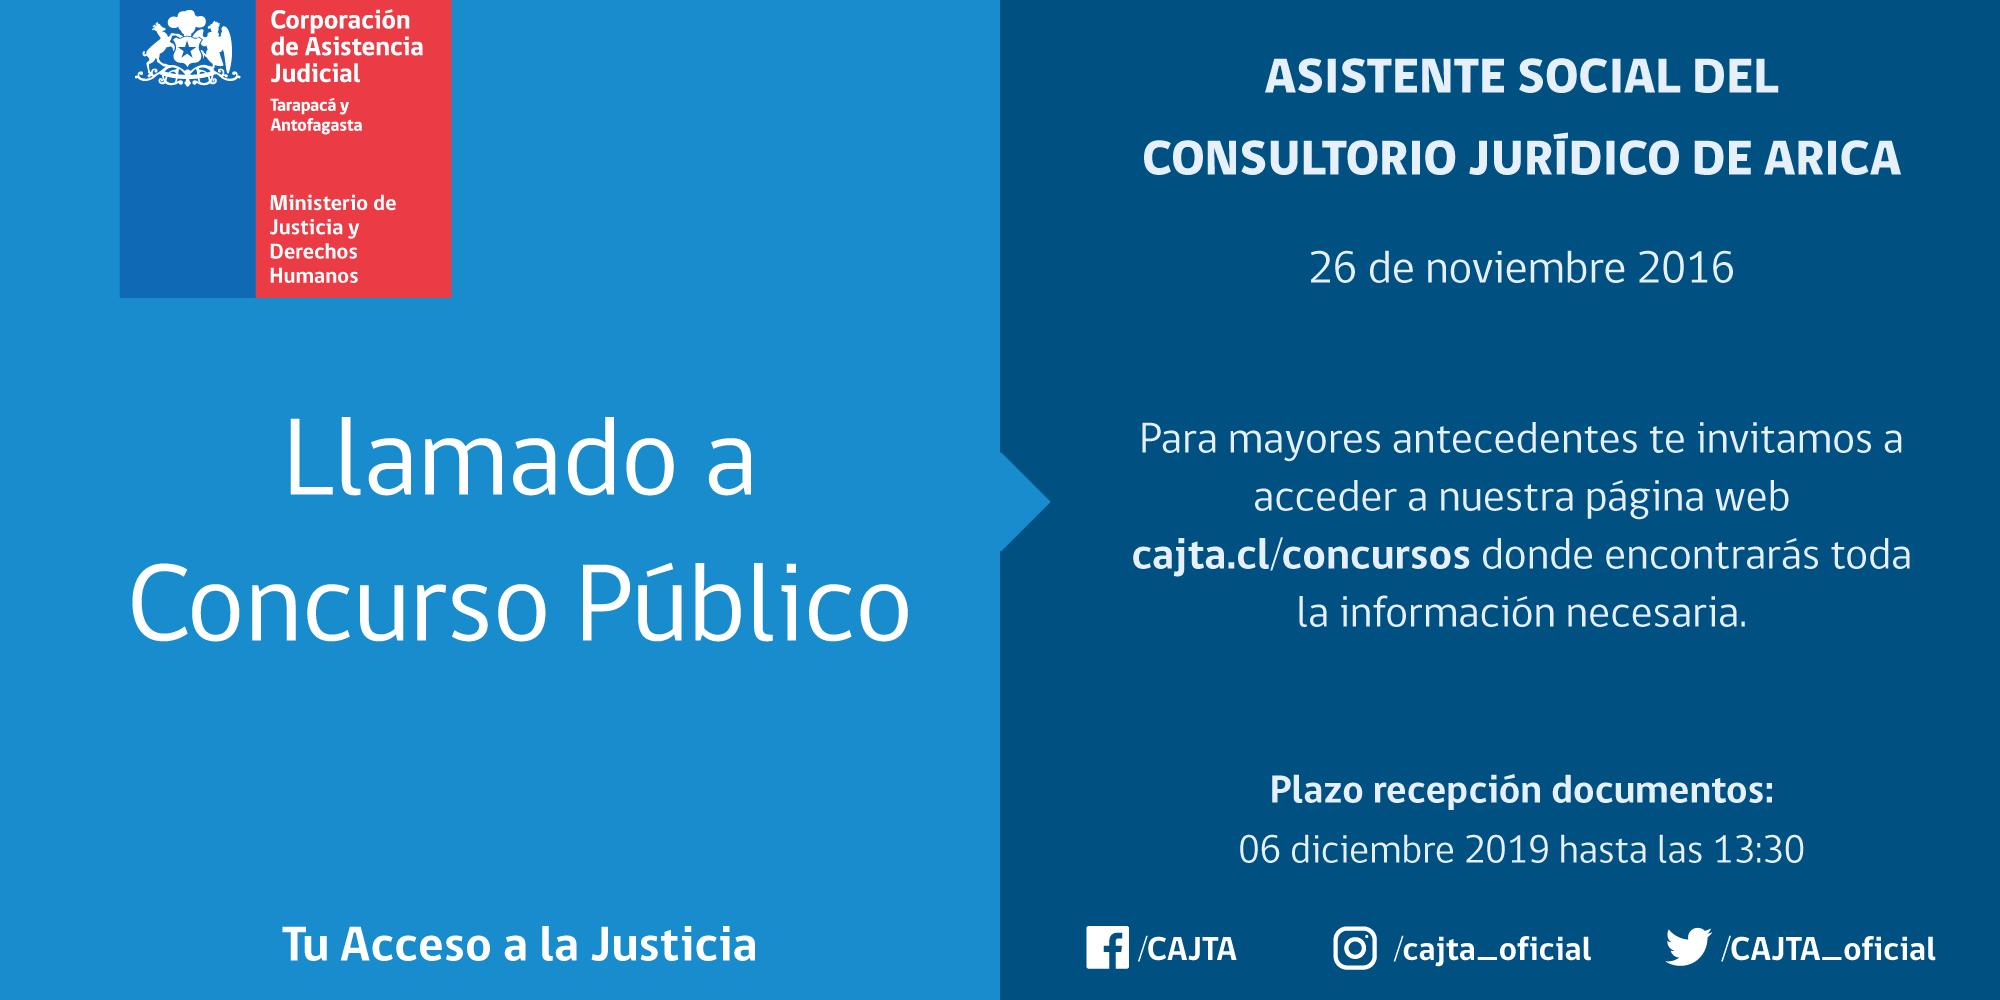 Llamado a Concurso Público Asistente Social del Consultorio Jurídico de Arica